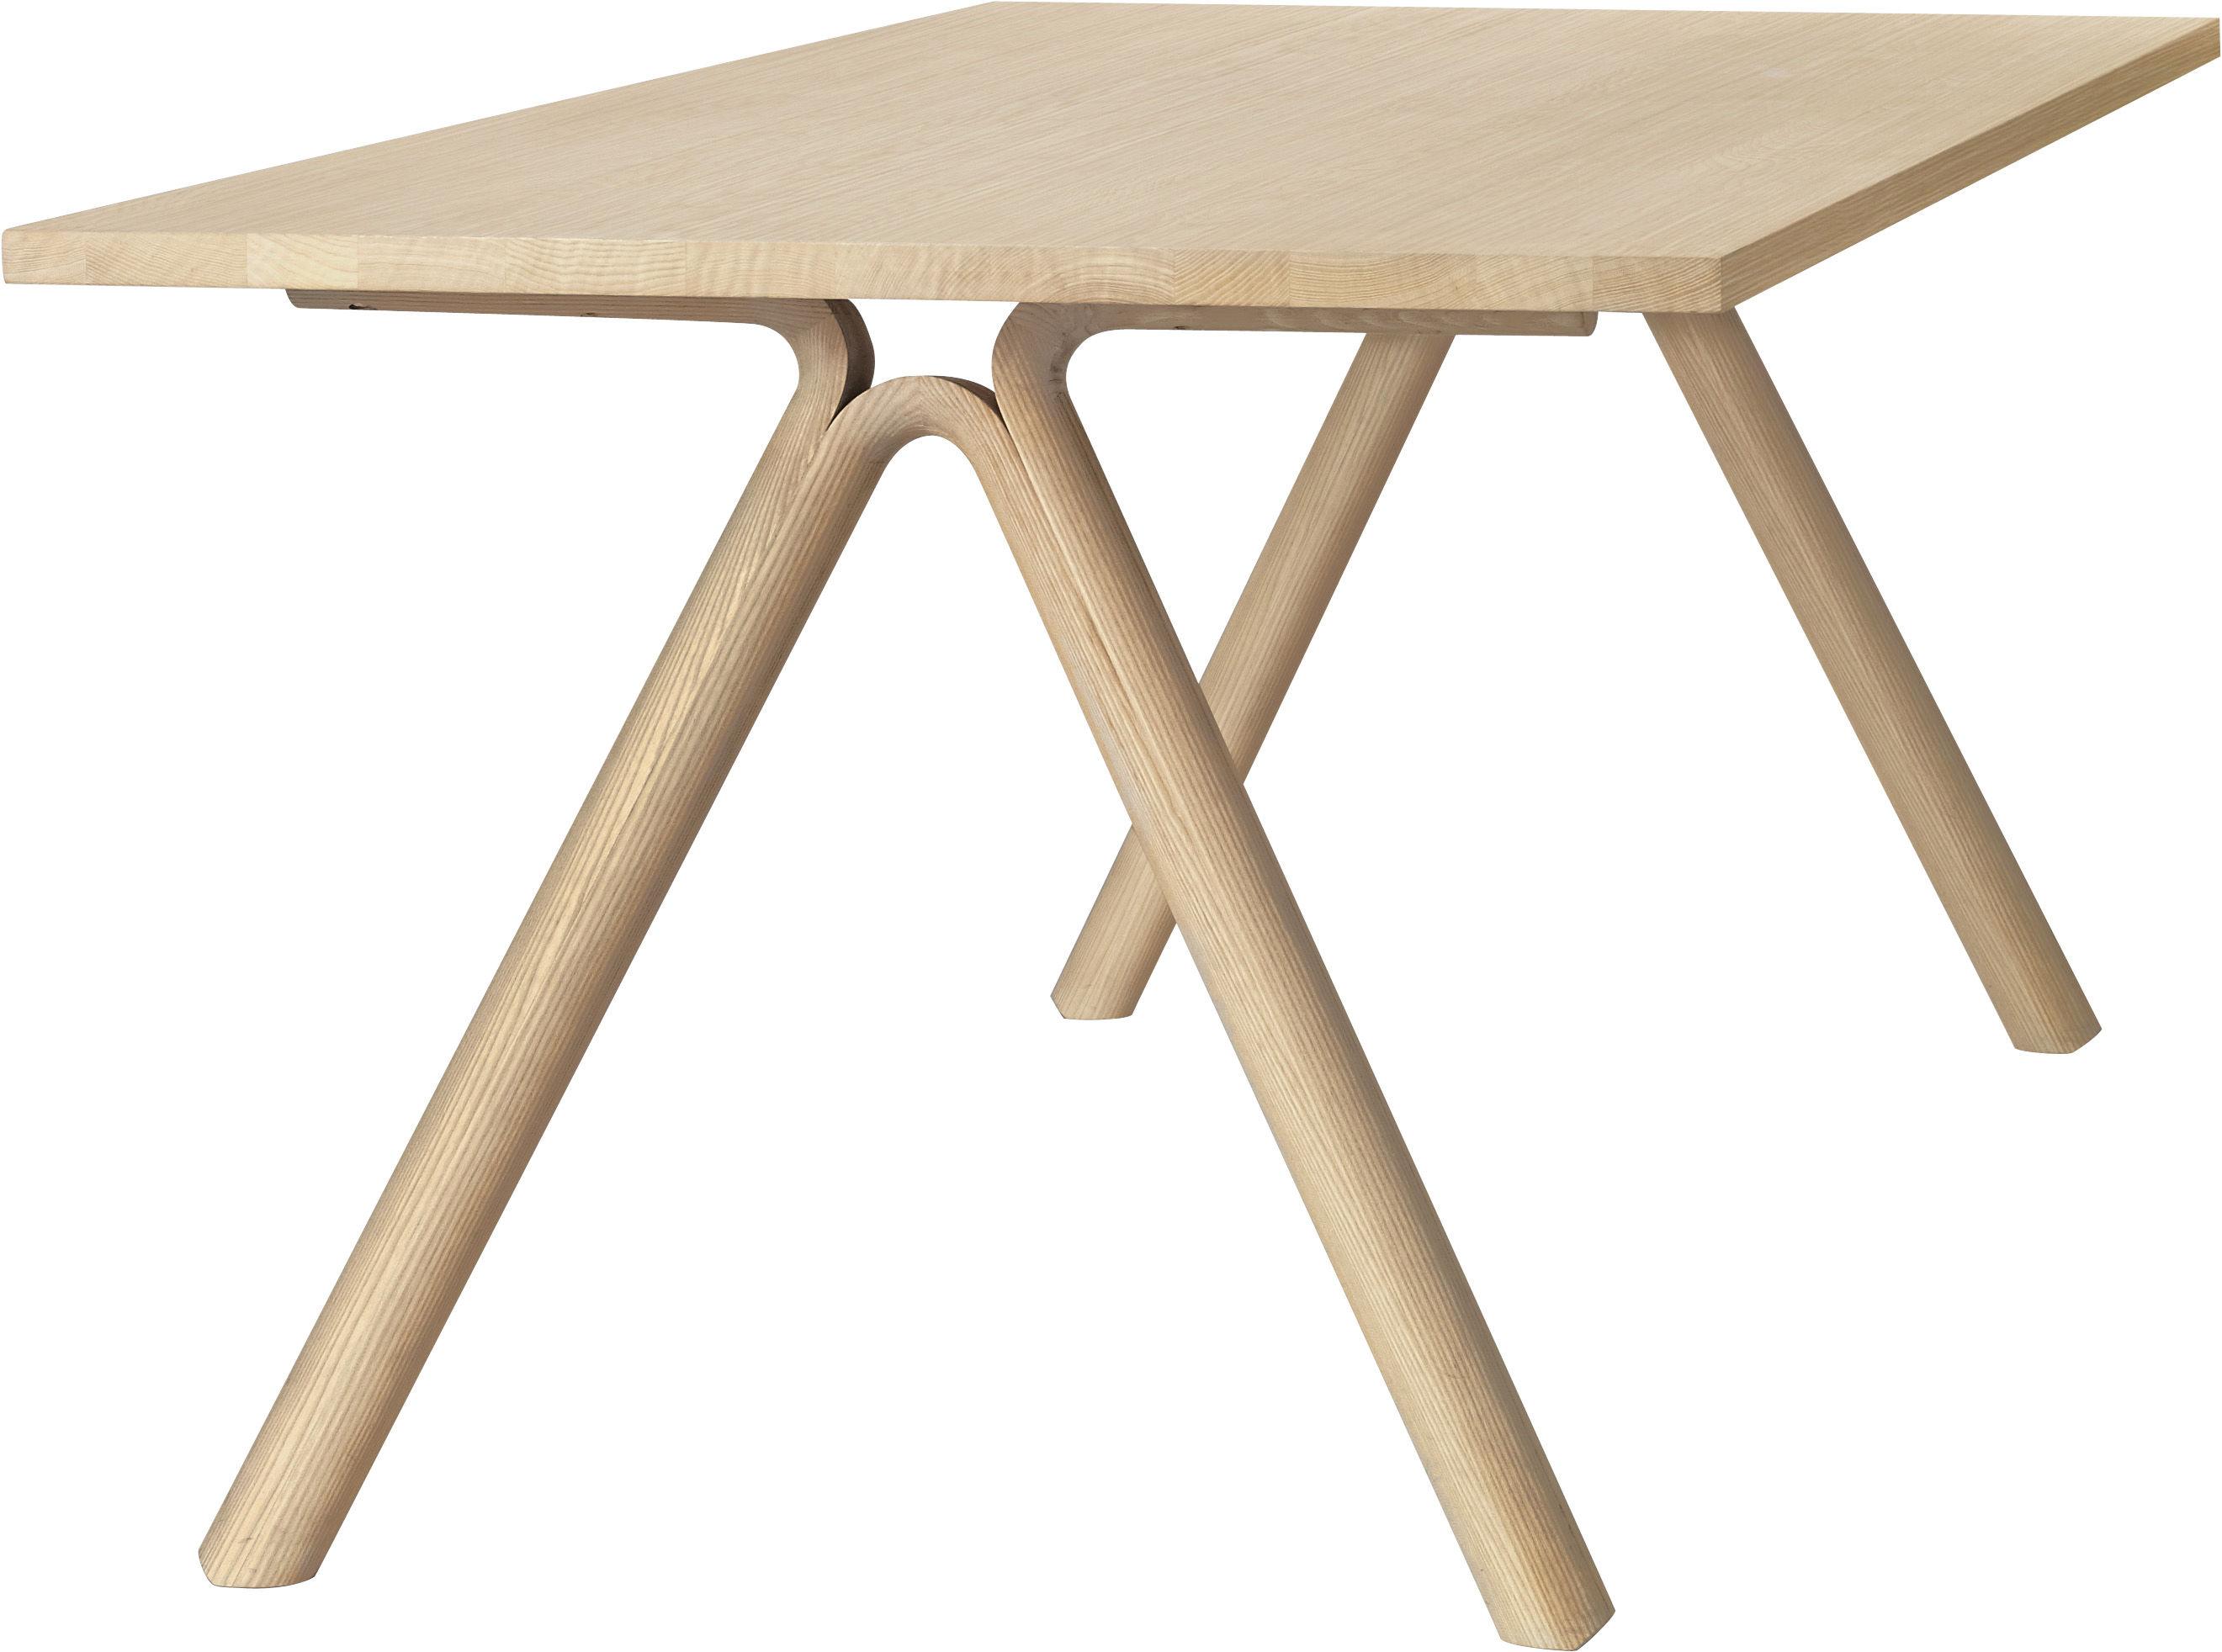 Trends - Zu Tisch! - Split rechteckiger Tisch L 220 cm - Muuto - Eiche massiv - massive Eiche